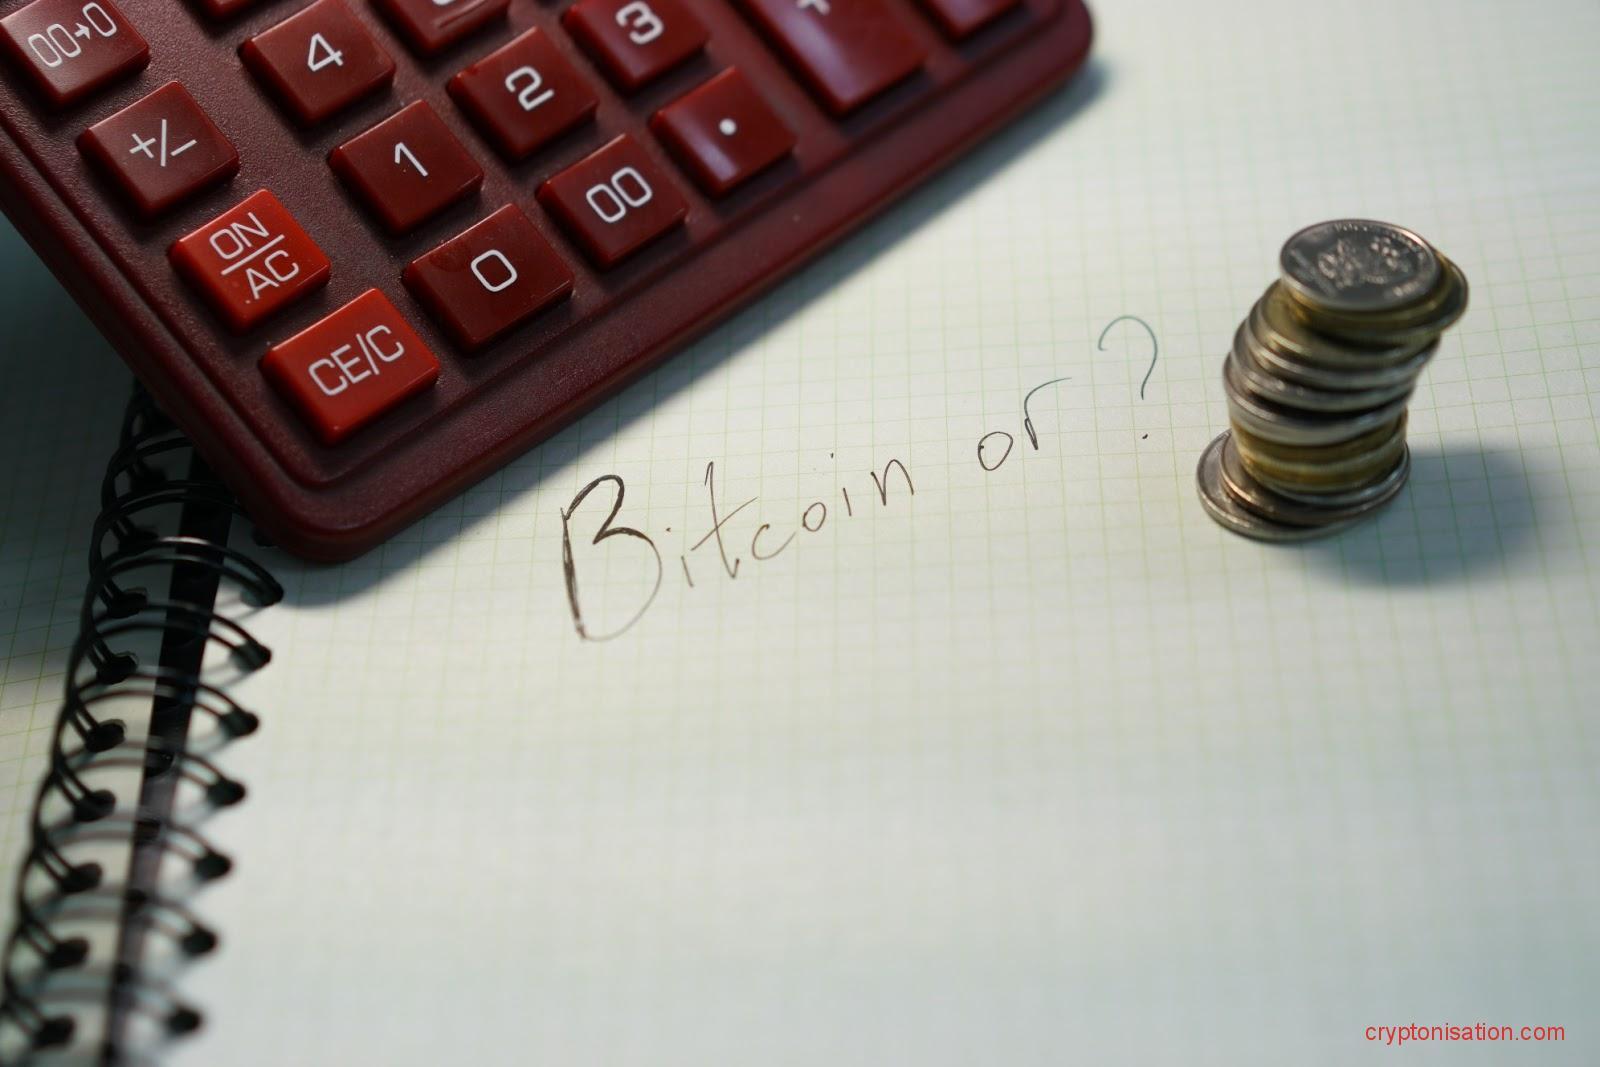 В какие криптовалюты сейчас инвестировать?